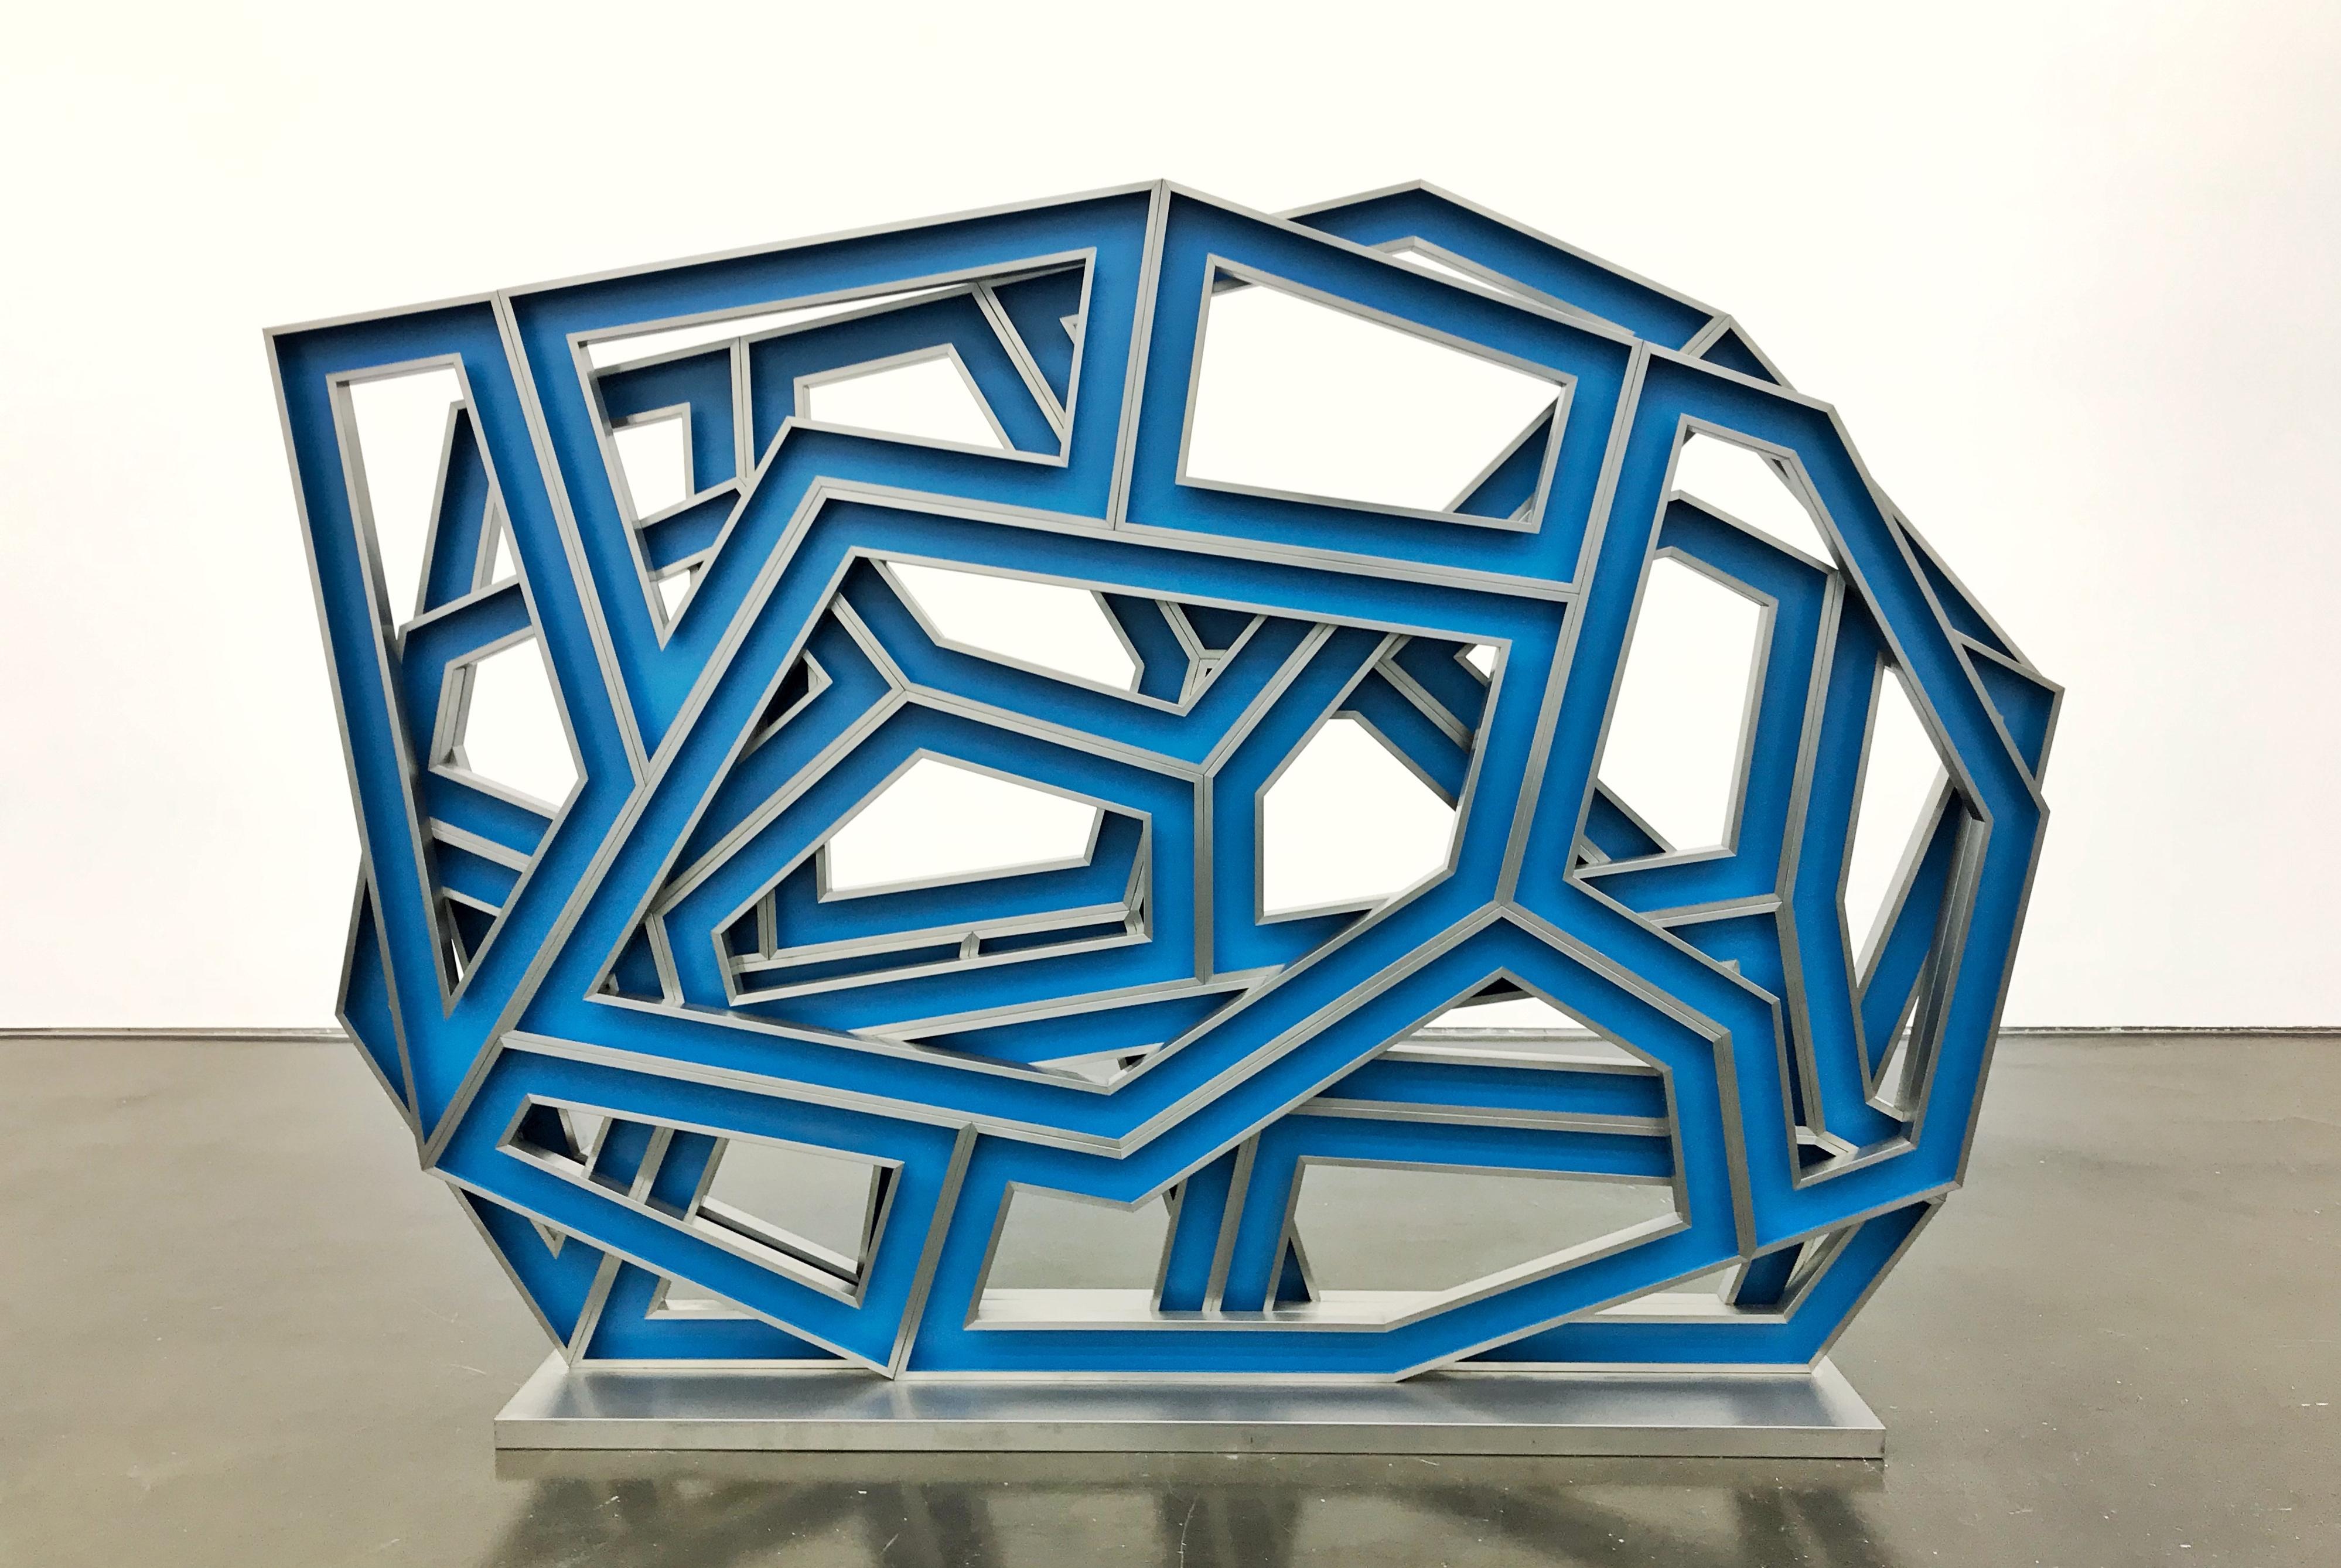 建立艺术与公众、社会、传媒的跨界交流和对话,《华丽志》盘点第二届画廊周北京艺术活动